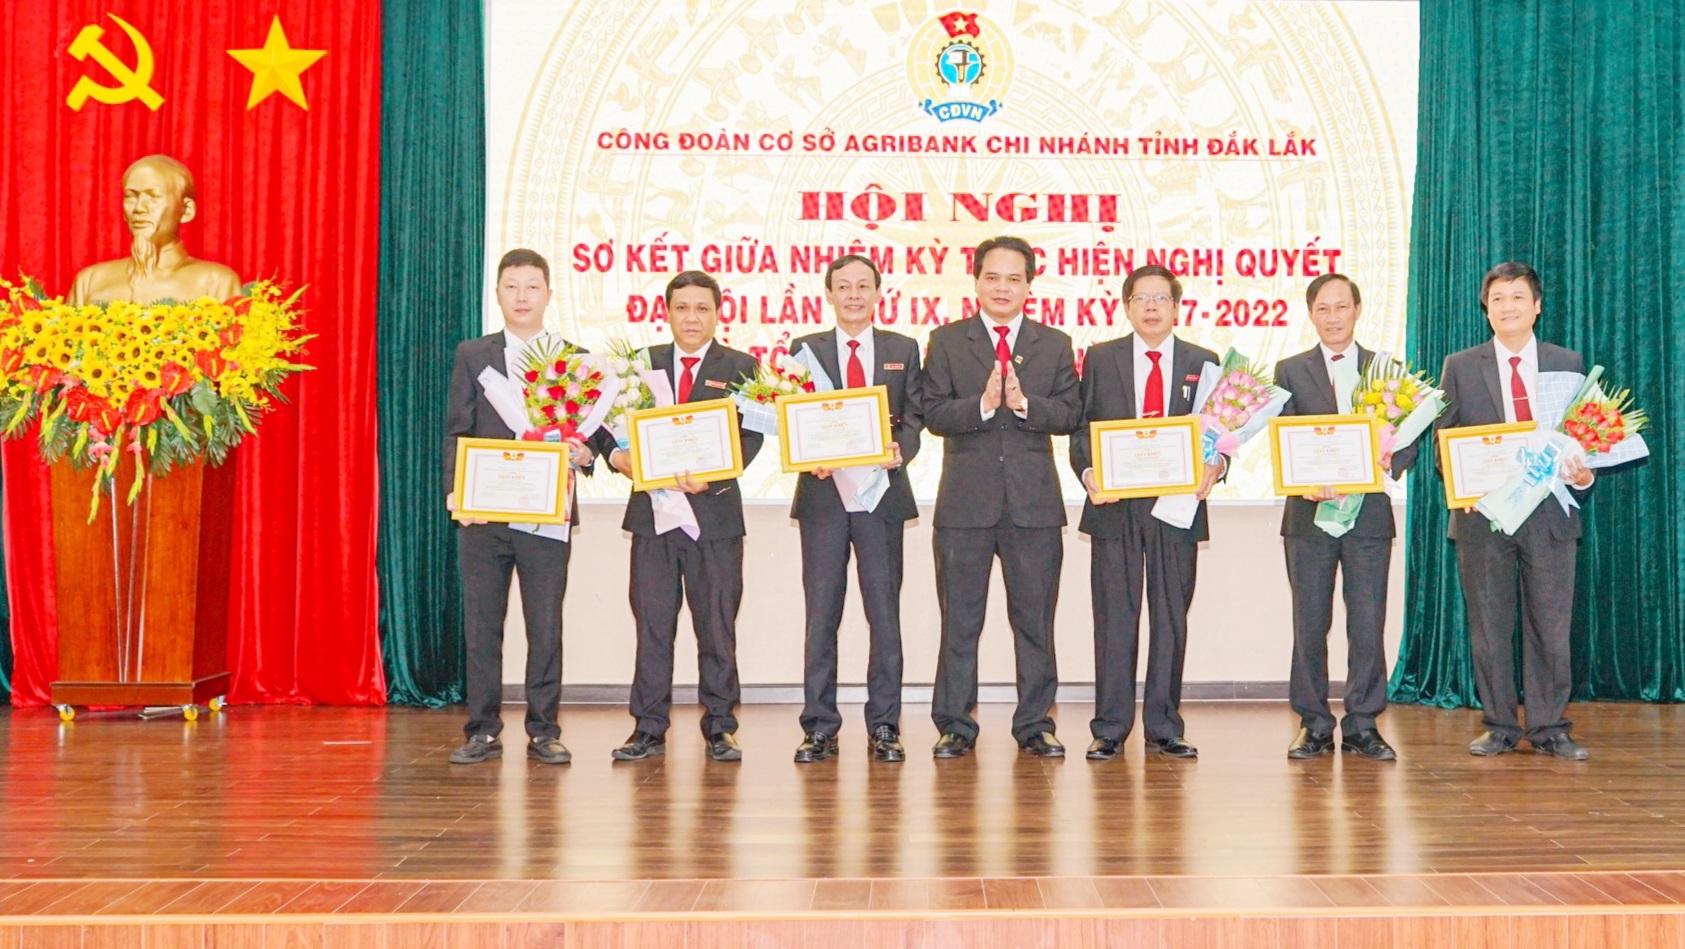 Sơ kết hoạt động công đoàn cơ sở Agribank tỉnh Đắk Lắk giữa nhiệm kỳ 2017 -2022